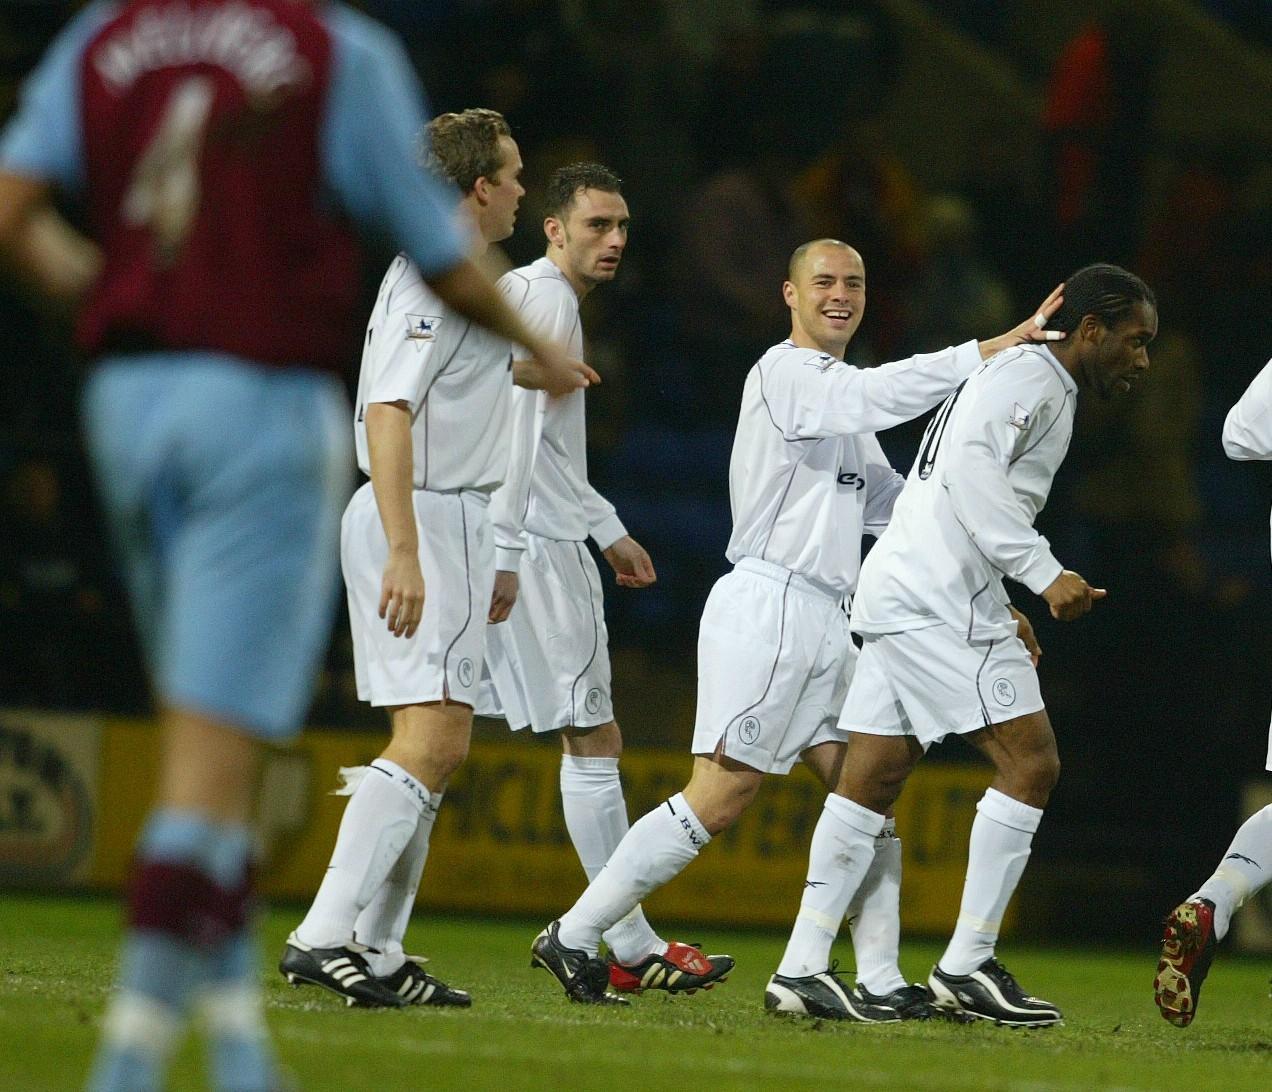 Bolton Wanderers v Aston Villa